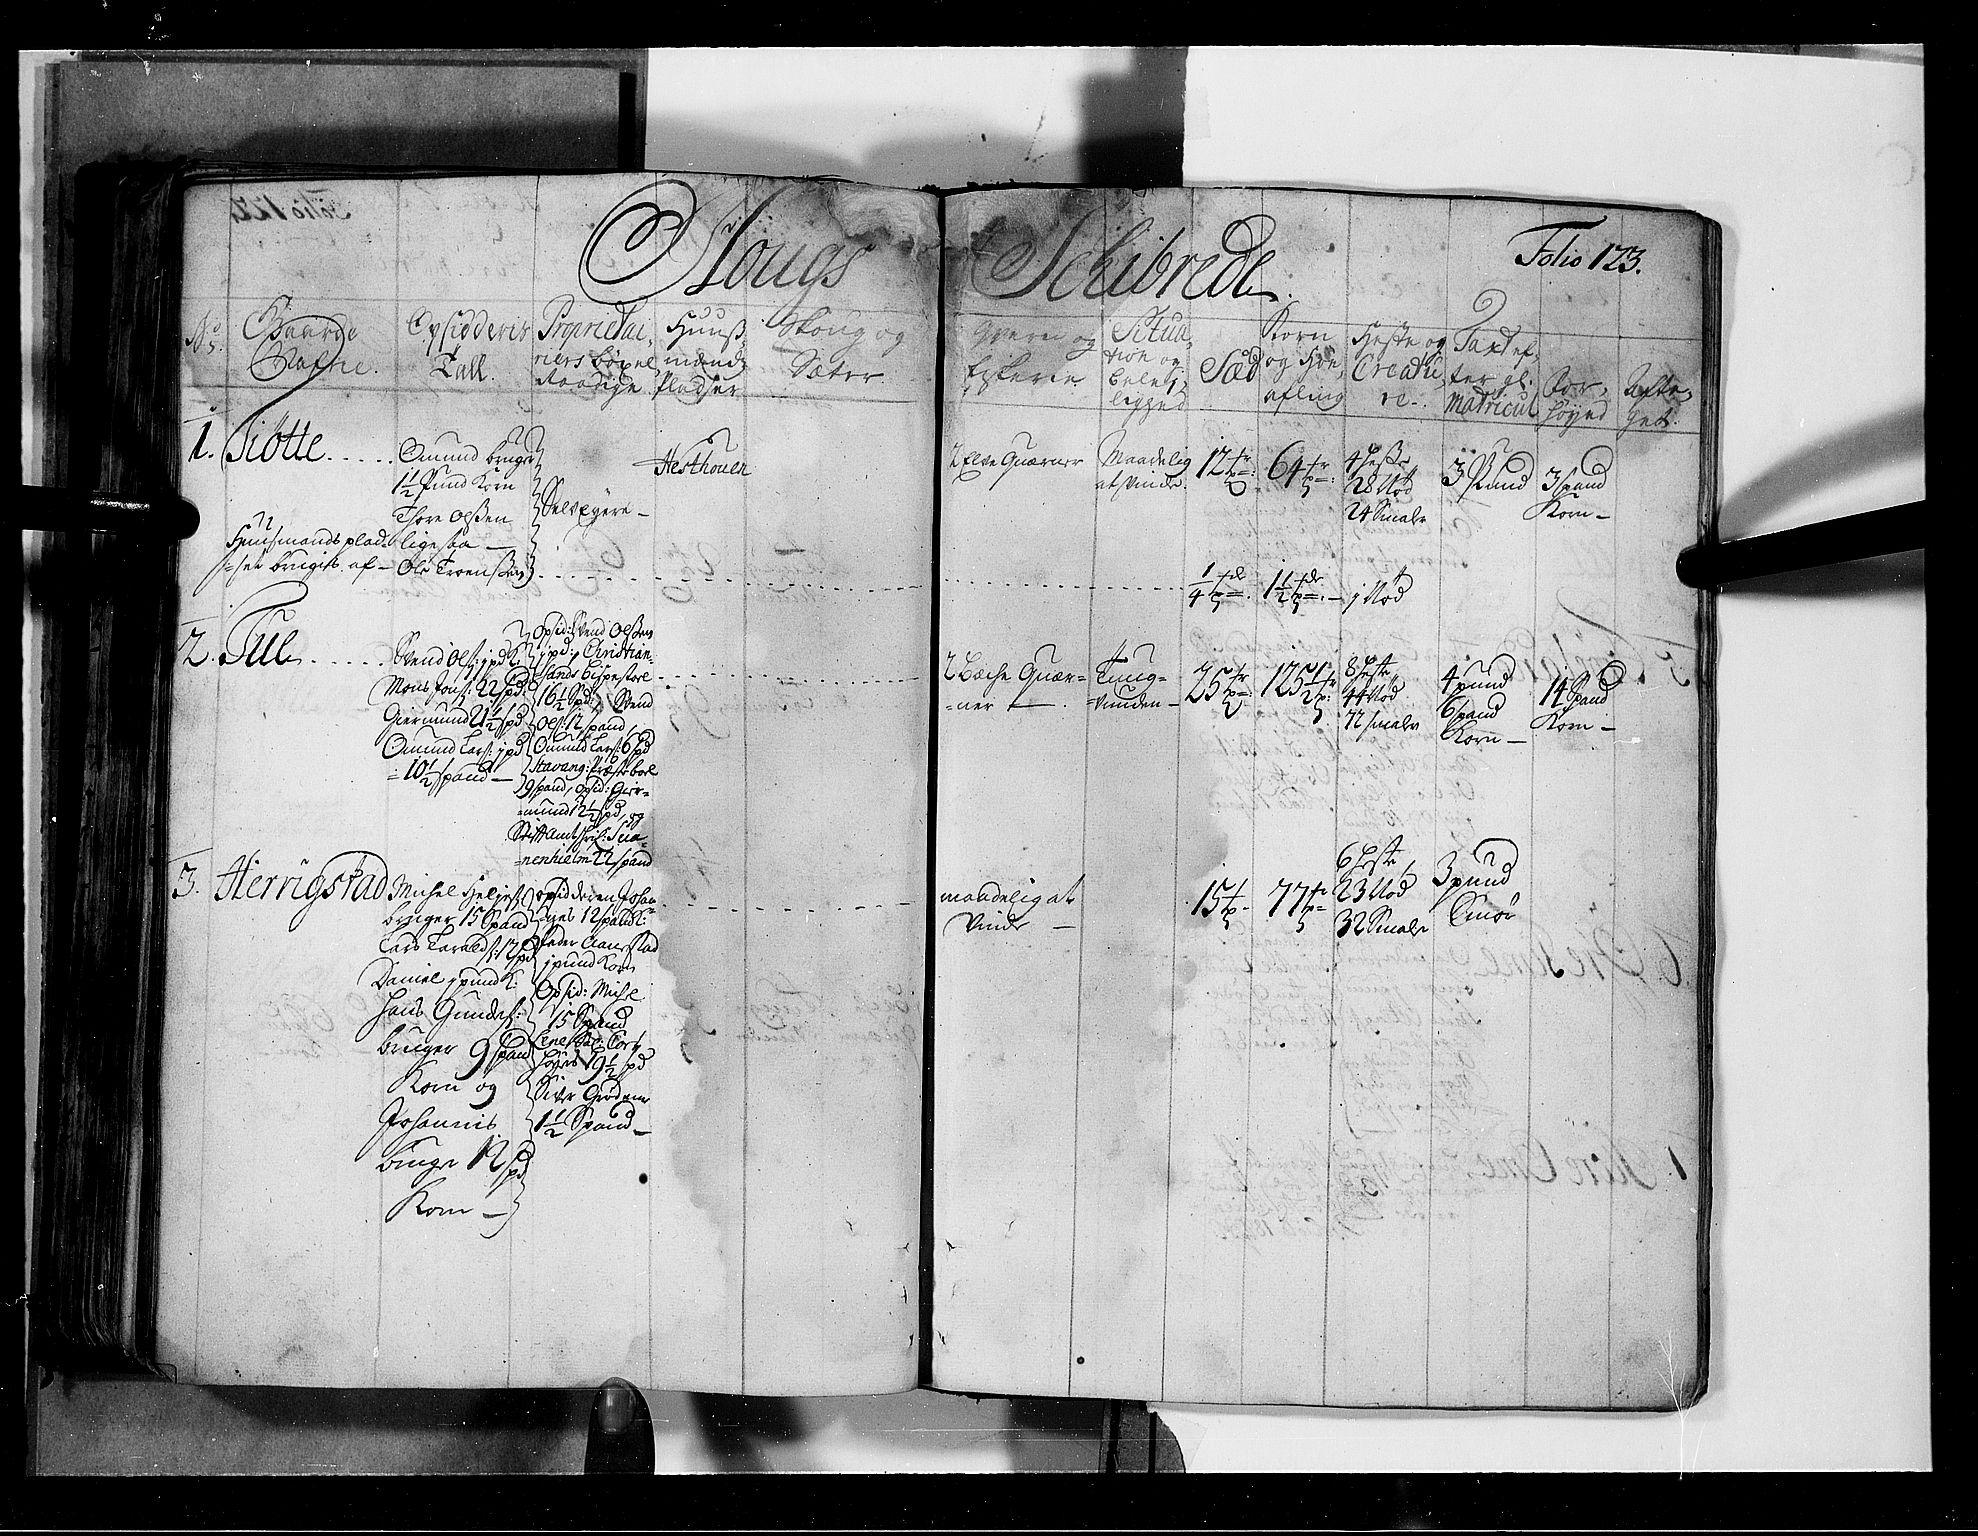 RA, Rentekammeret inntil 1814, Realistisk ordnet avdeling, N/Nb/Nbf/L0131: Jæren og Dalane eksaminasjonsprotokoll, 1723, s. 122b-123a